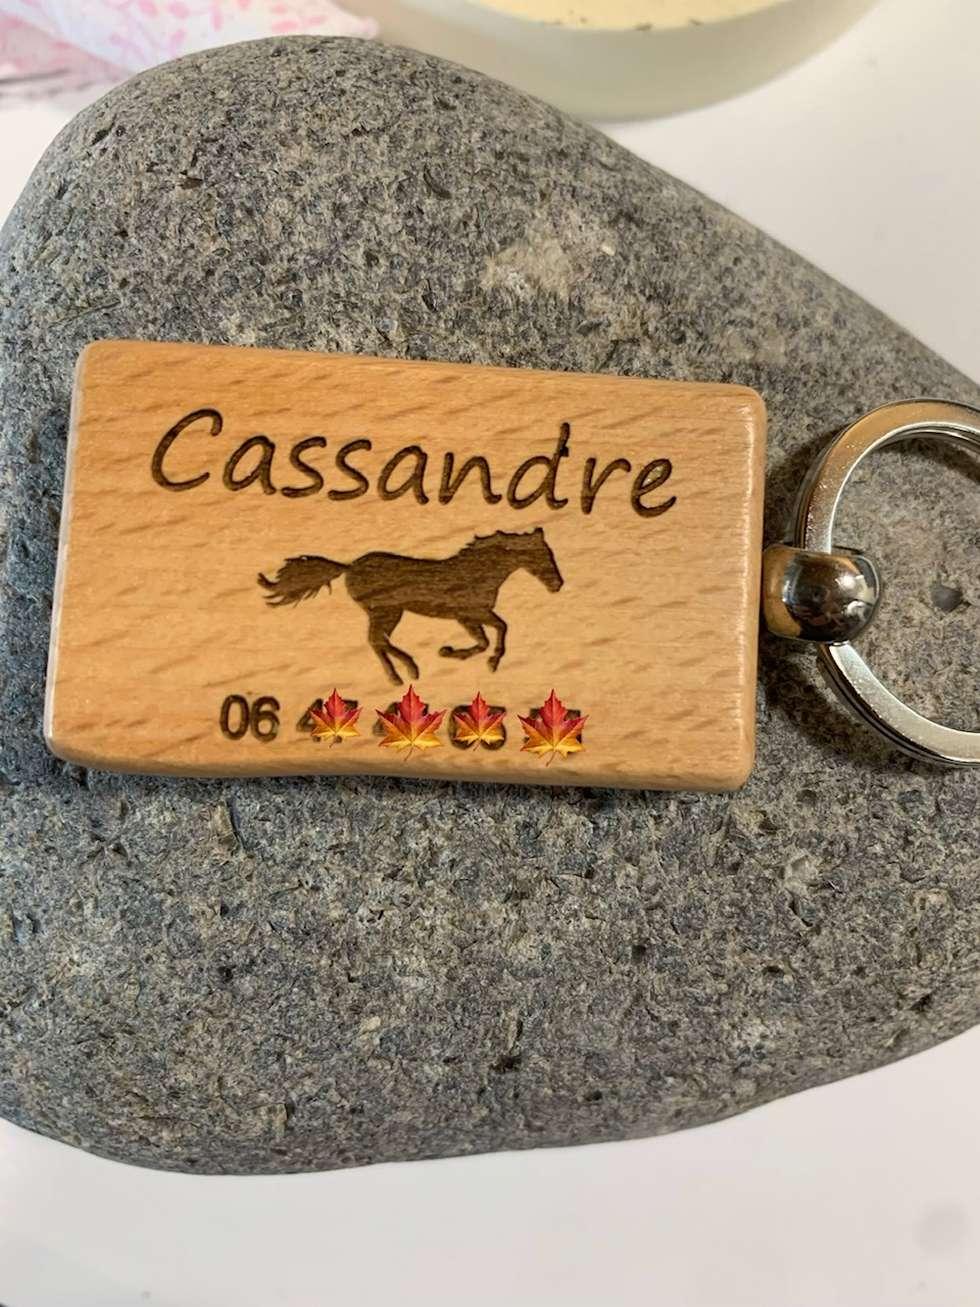 porte-clés en bois avec anneau métal gravé prénom cheval numéro téléphone